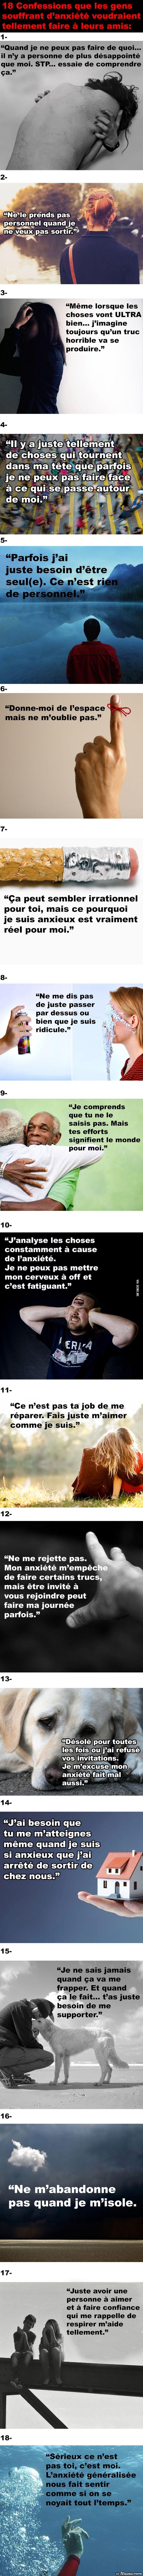 À toutes les personnes souffrant d'anxiété – Québec Meme +